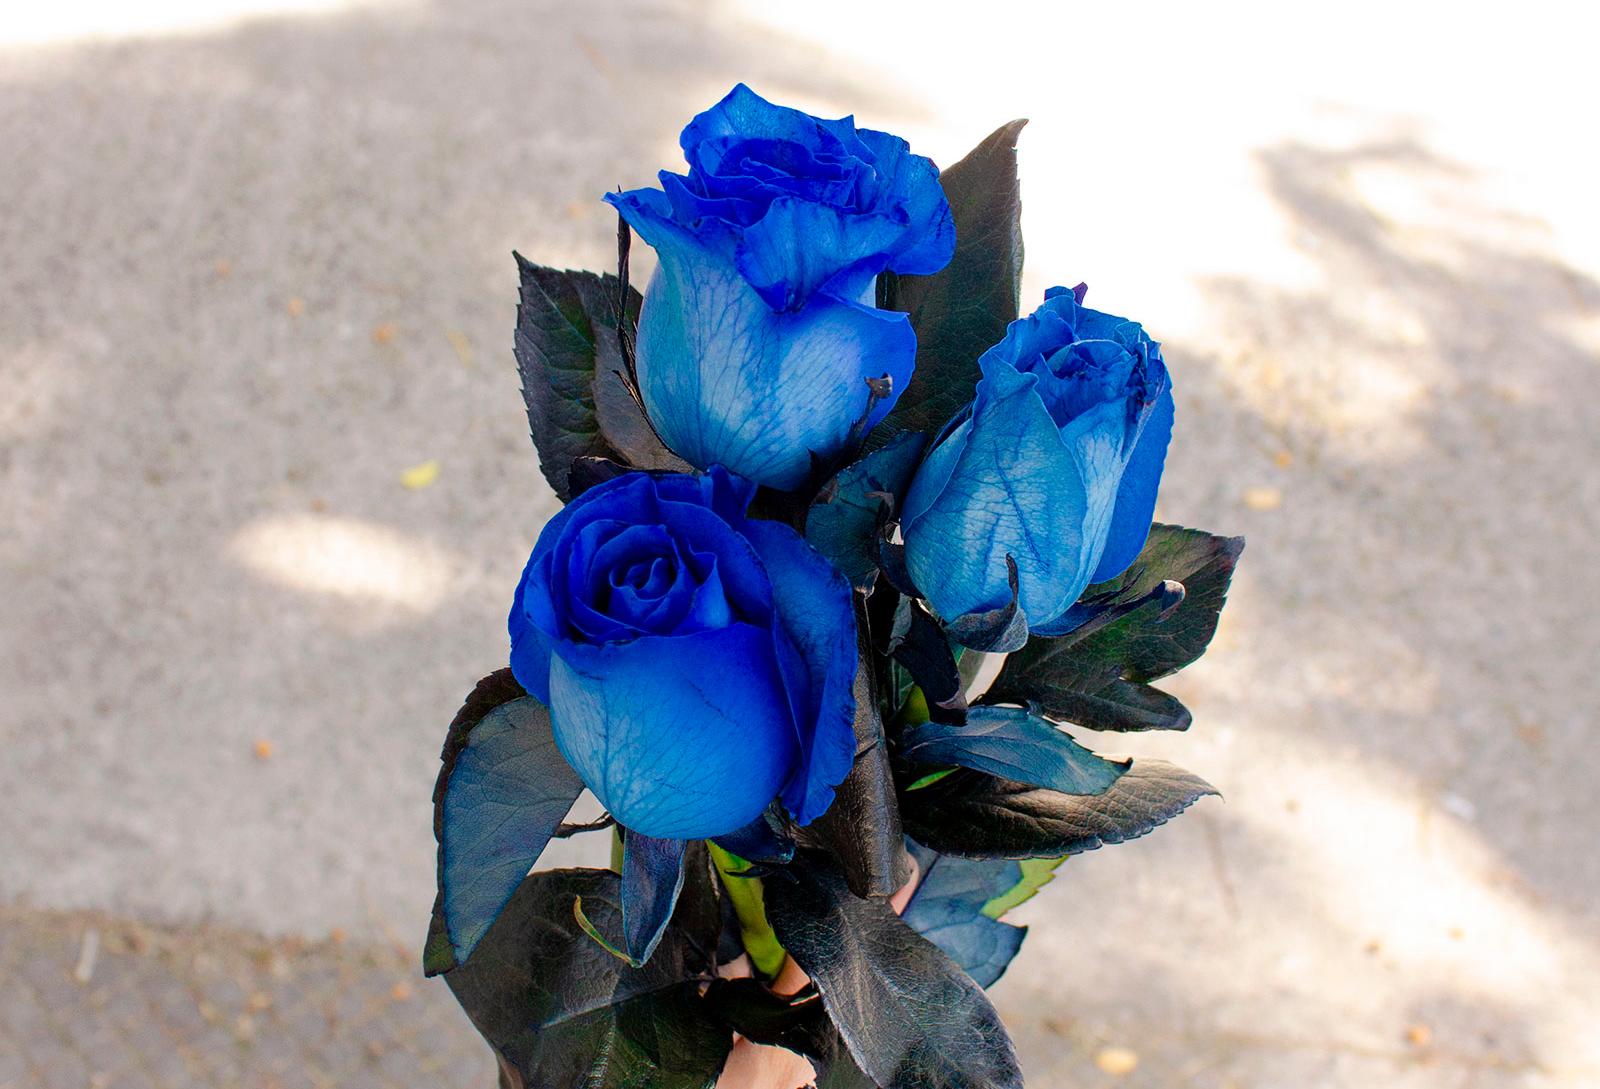 Asombra a quien quieras con ramos de rosas azules